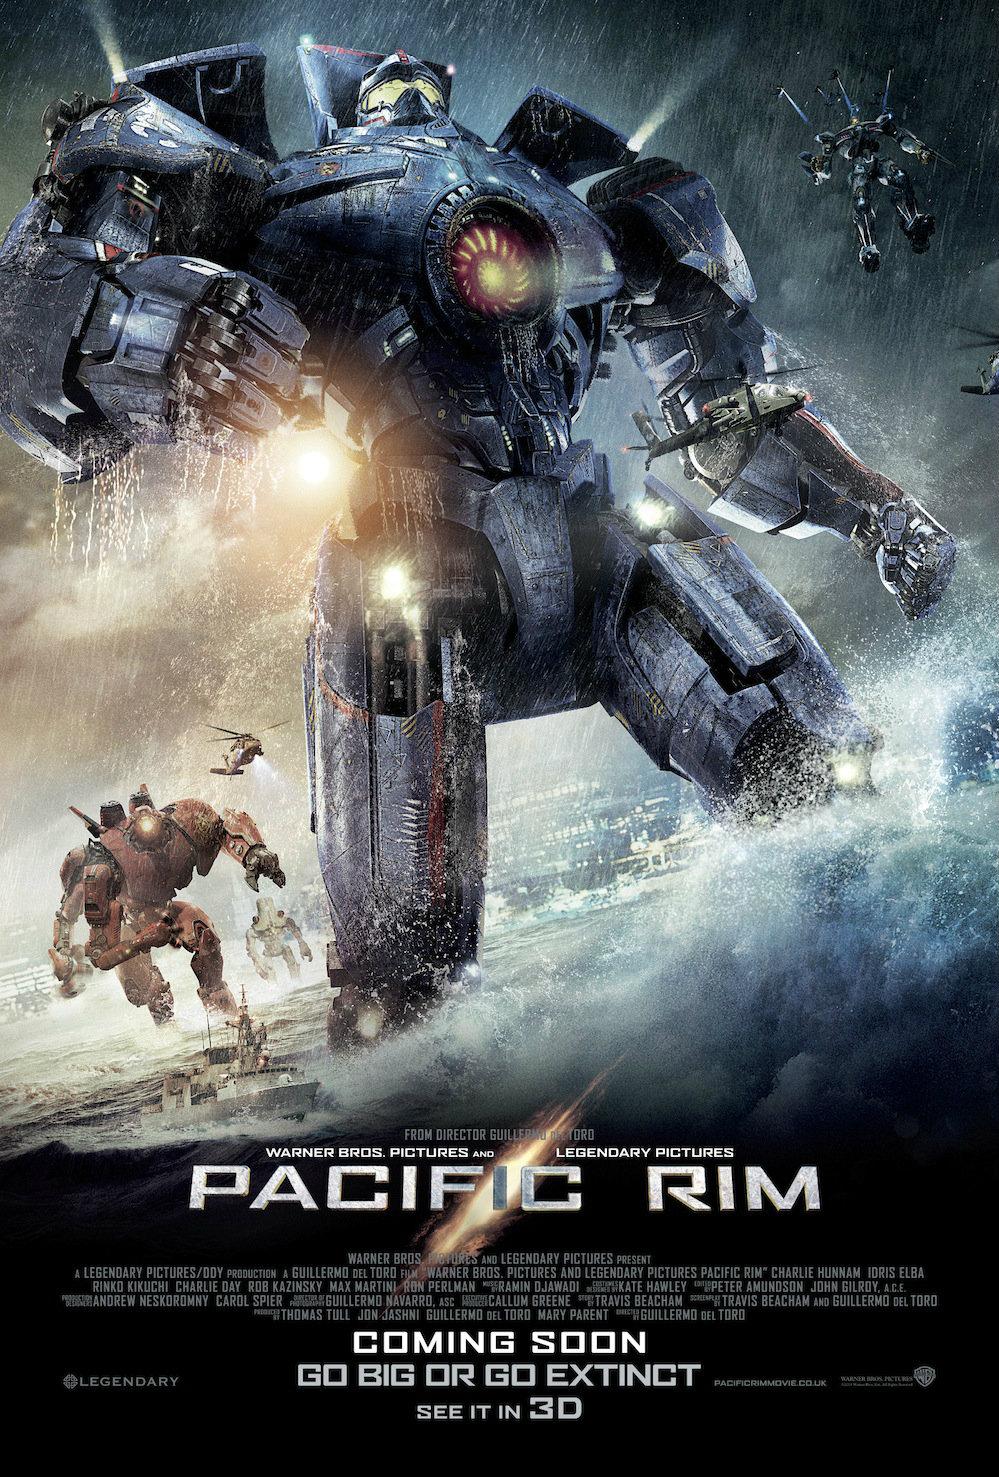 มาแล้ว! คลิปเบื้องหลังของเจ้าหุ่นยนต์ Jaeger จาก Pacific Rim